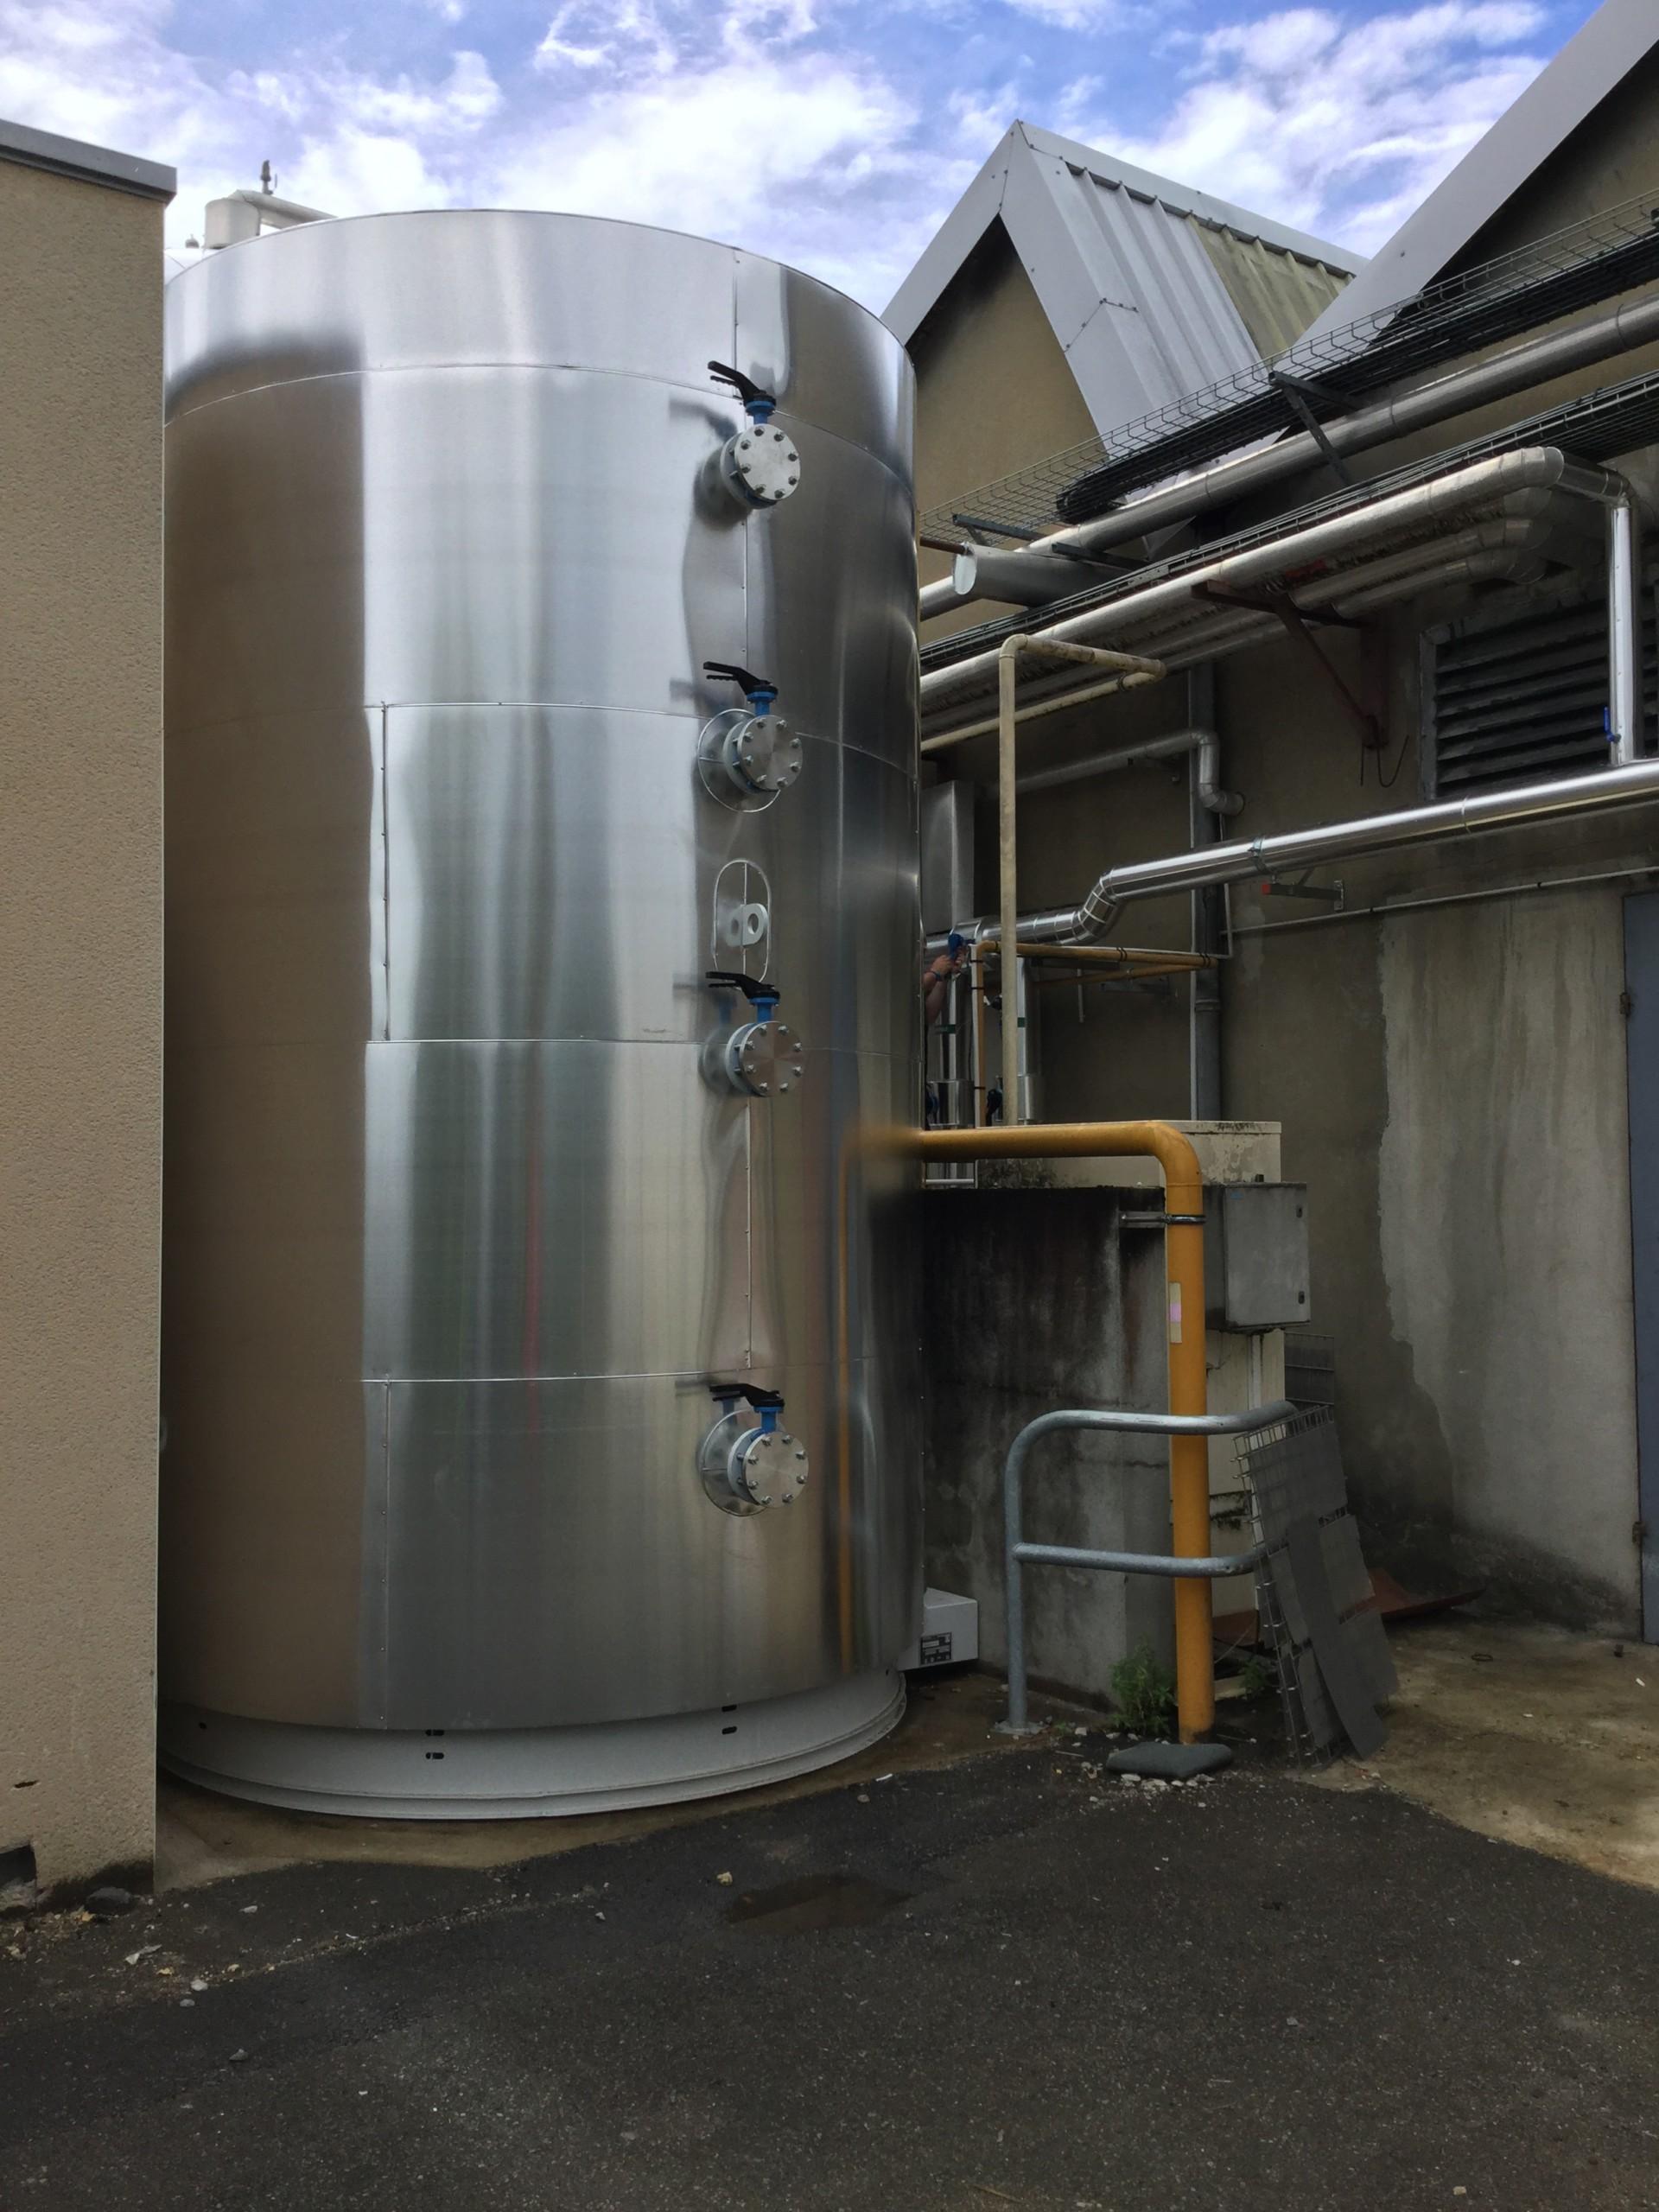 Ridel-Rec Récupération de chaleur sur groupes frigorifiques Industrie agroalimentaire